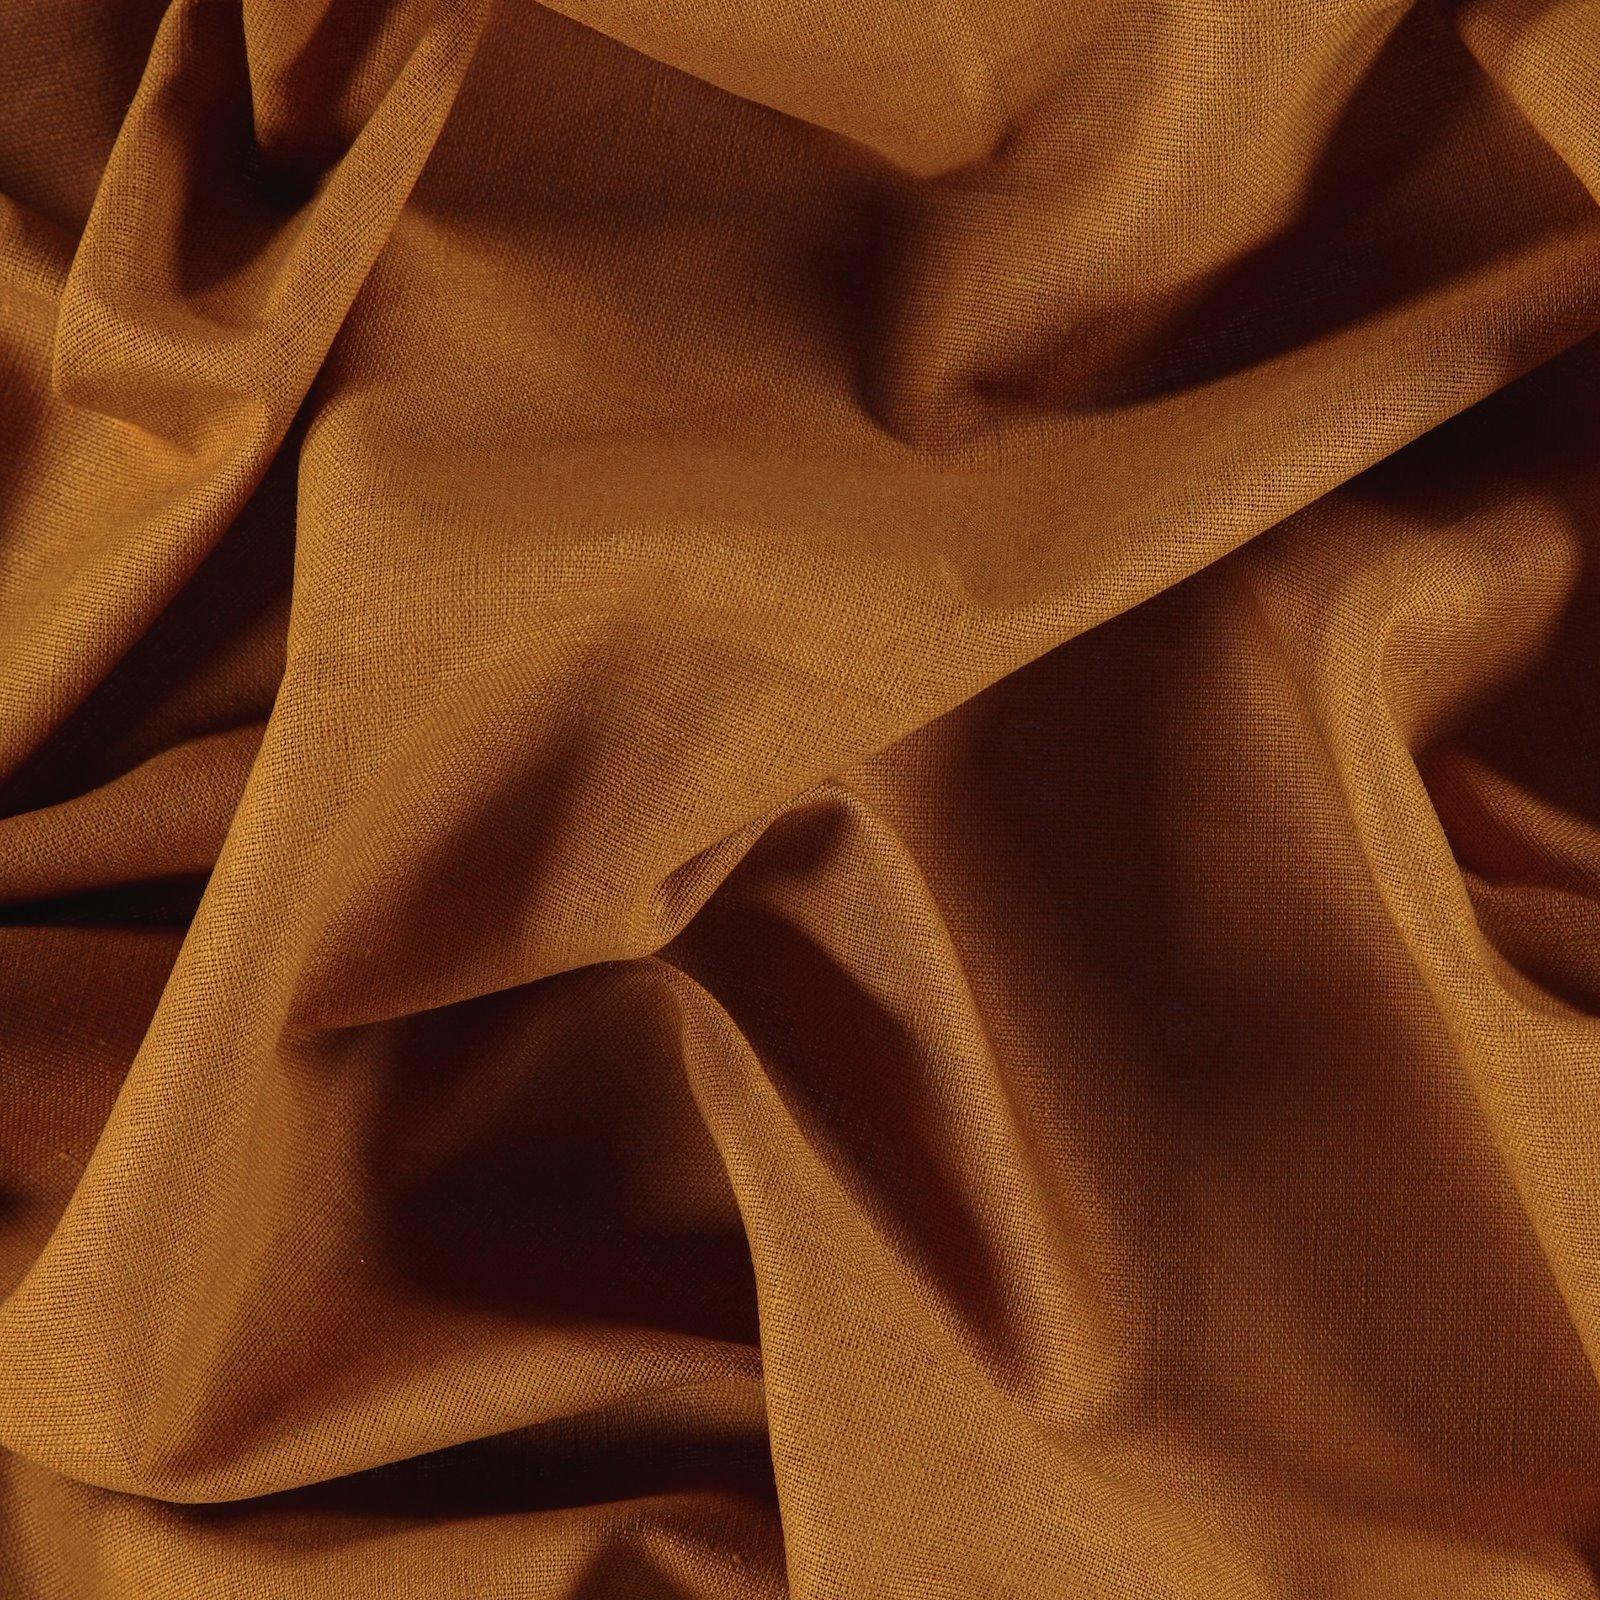 Linen/cotton golden brown 410128_pack